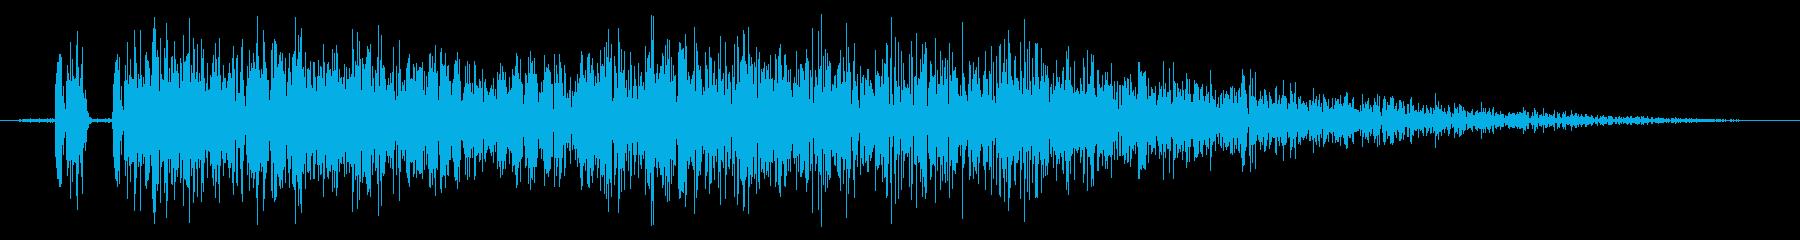 【打撃音20】パンチやキックに最適です!の再生済みの波形